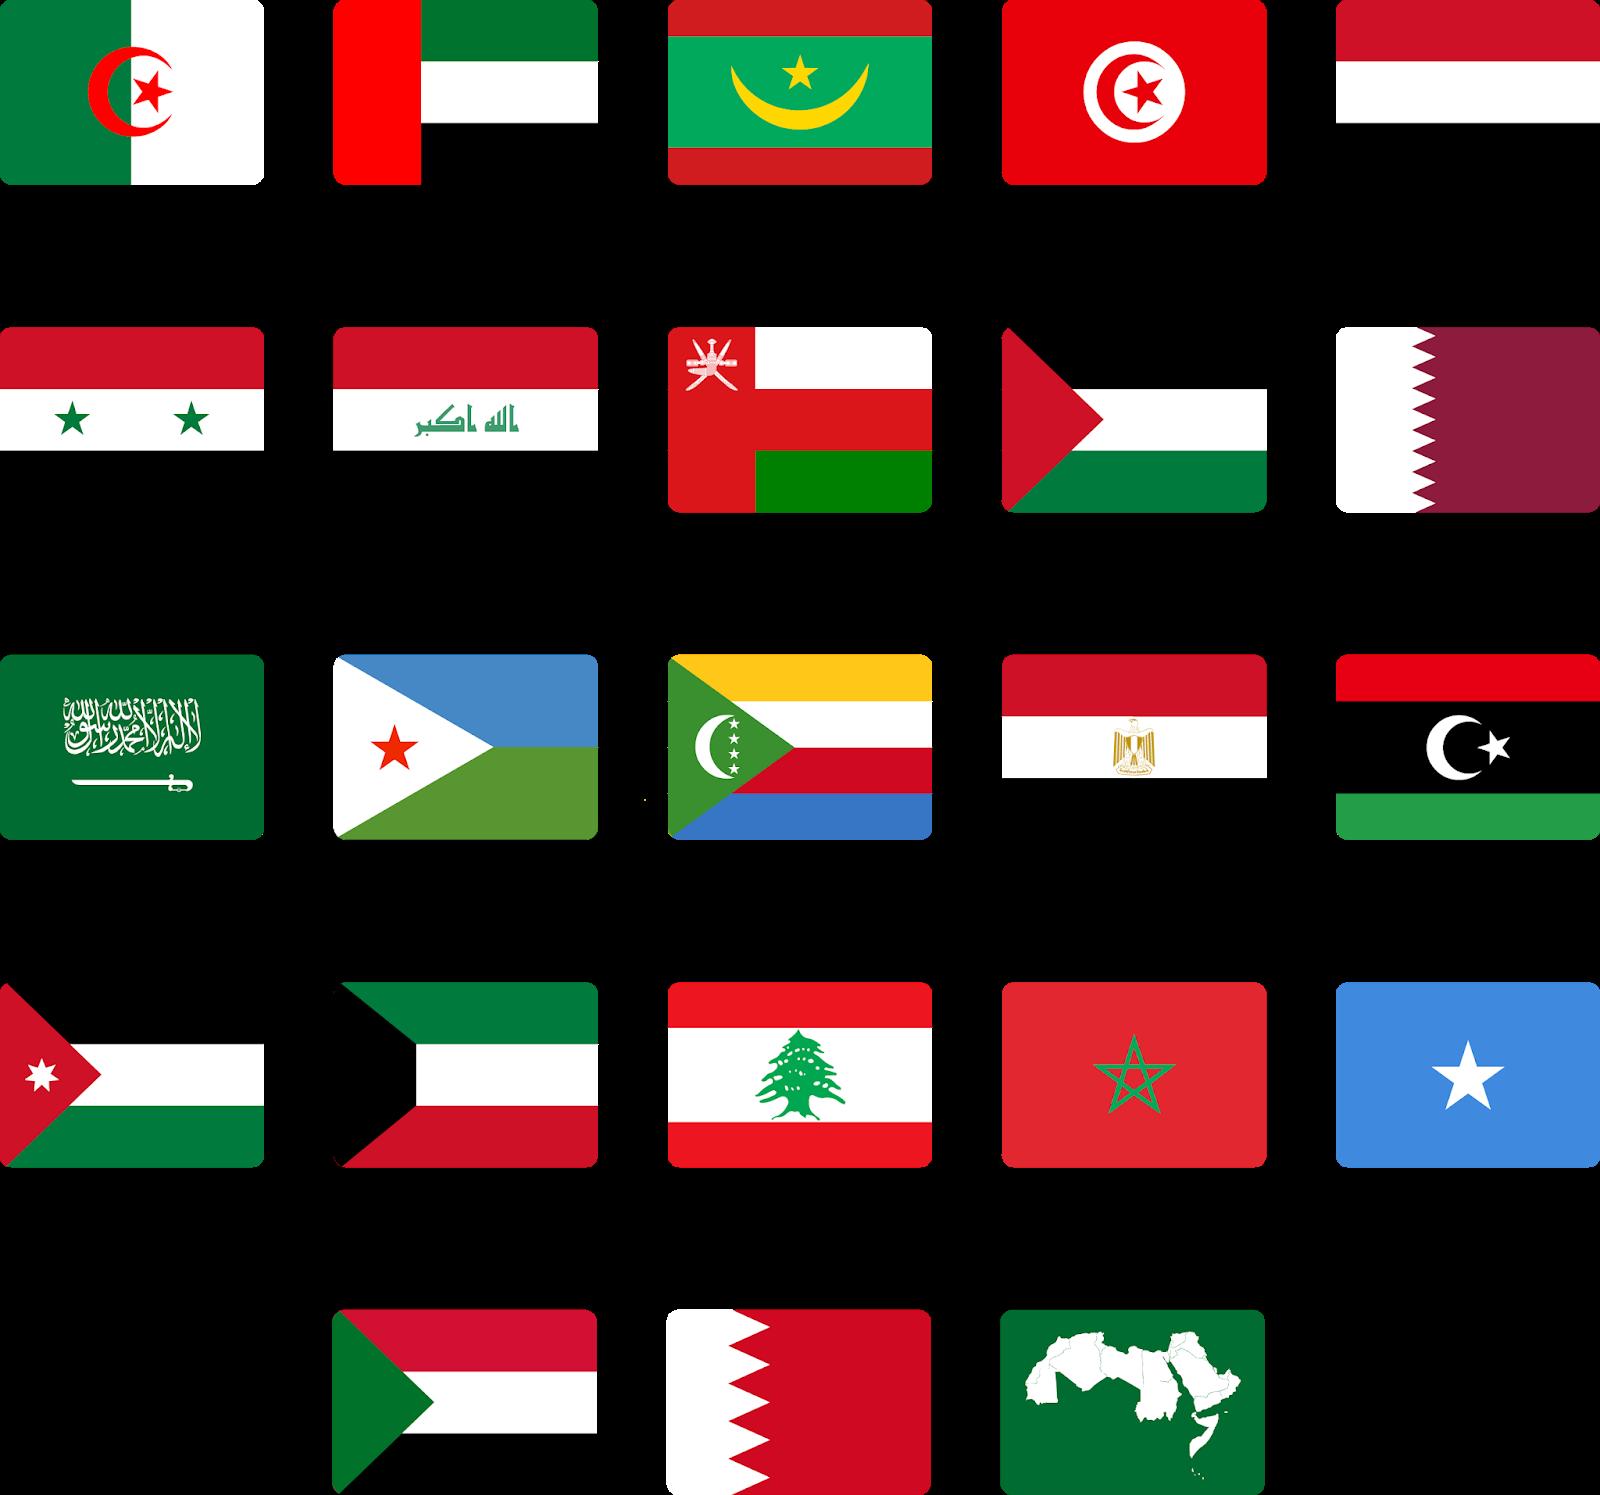 تحميل أعلام الدول العربية بصيغة Png و Psd مجانا Beautiful Arabic Words Arabic Words Motion Design Animation